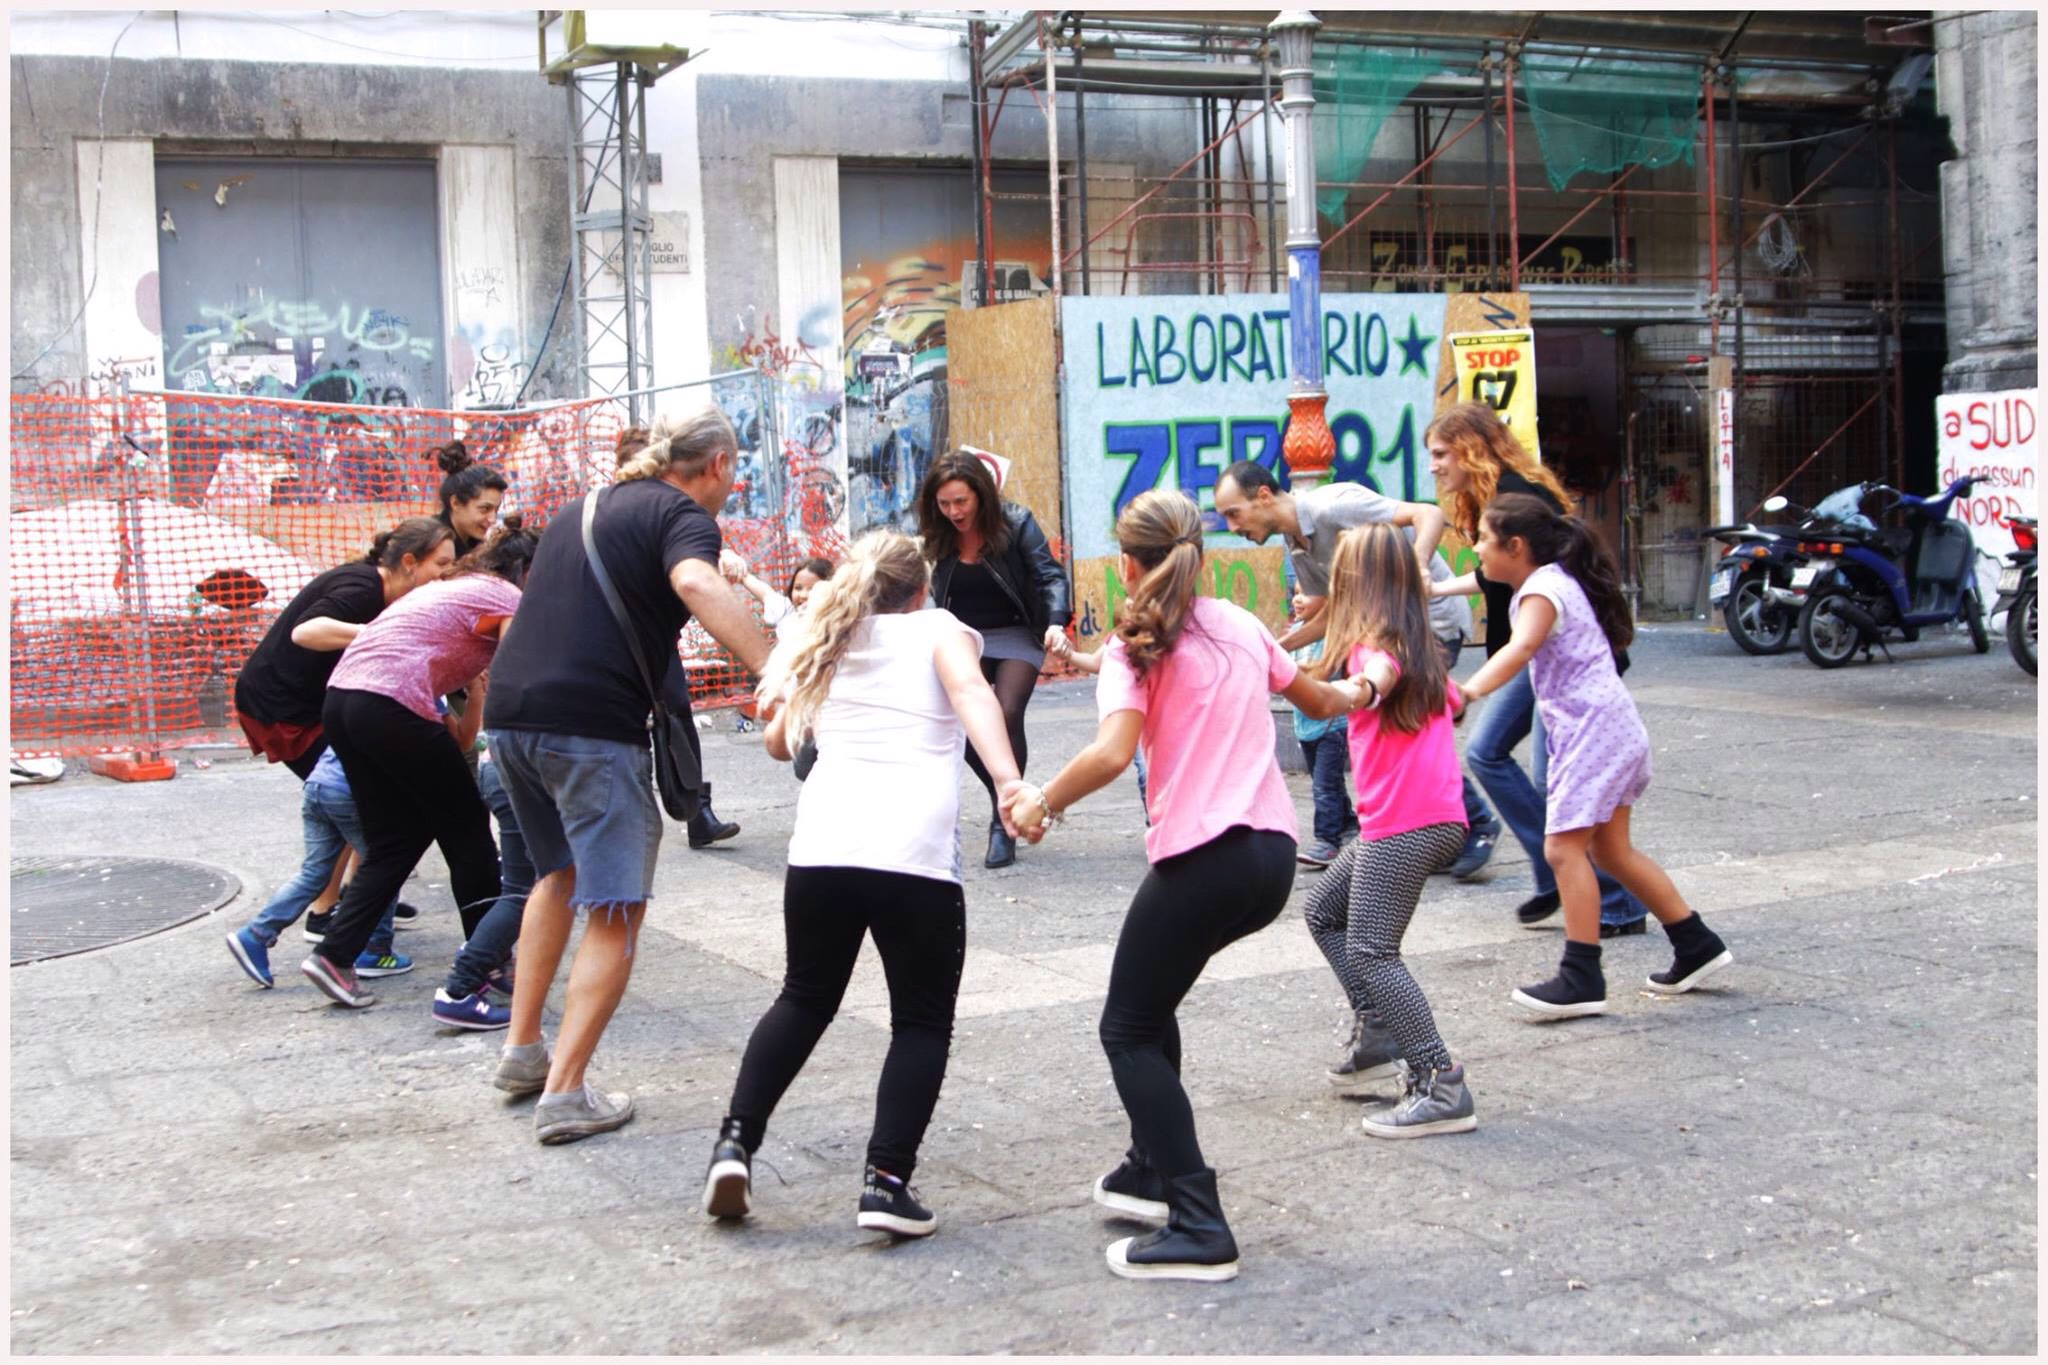 Napoli, Laboratorio Zero81:  Sabato sarà presentato 'l'orso nnamurato'